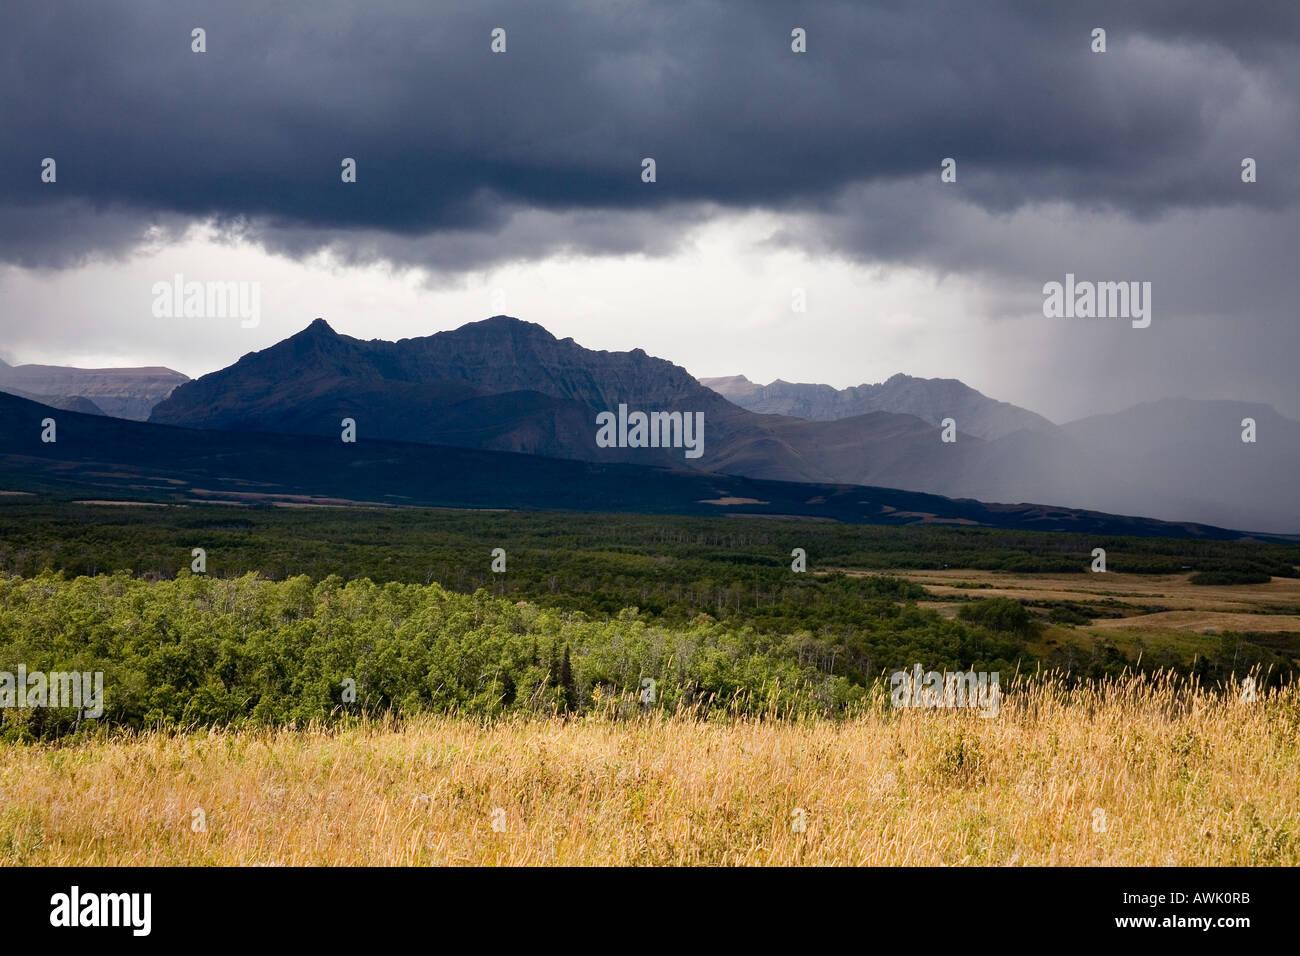 Tormenta de lluvia sobre Spread Eagle Mountain en Canadian Rockies Alberta Canada Imagen De Stock